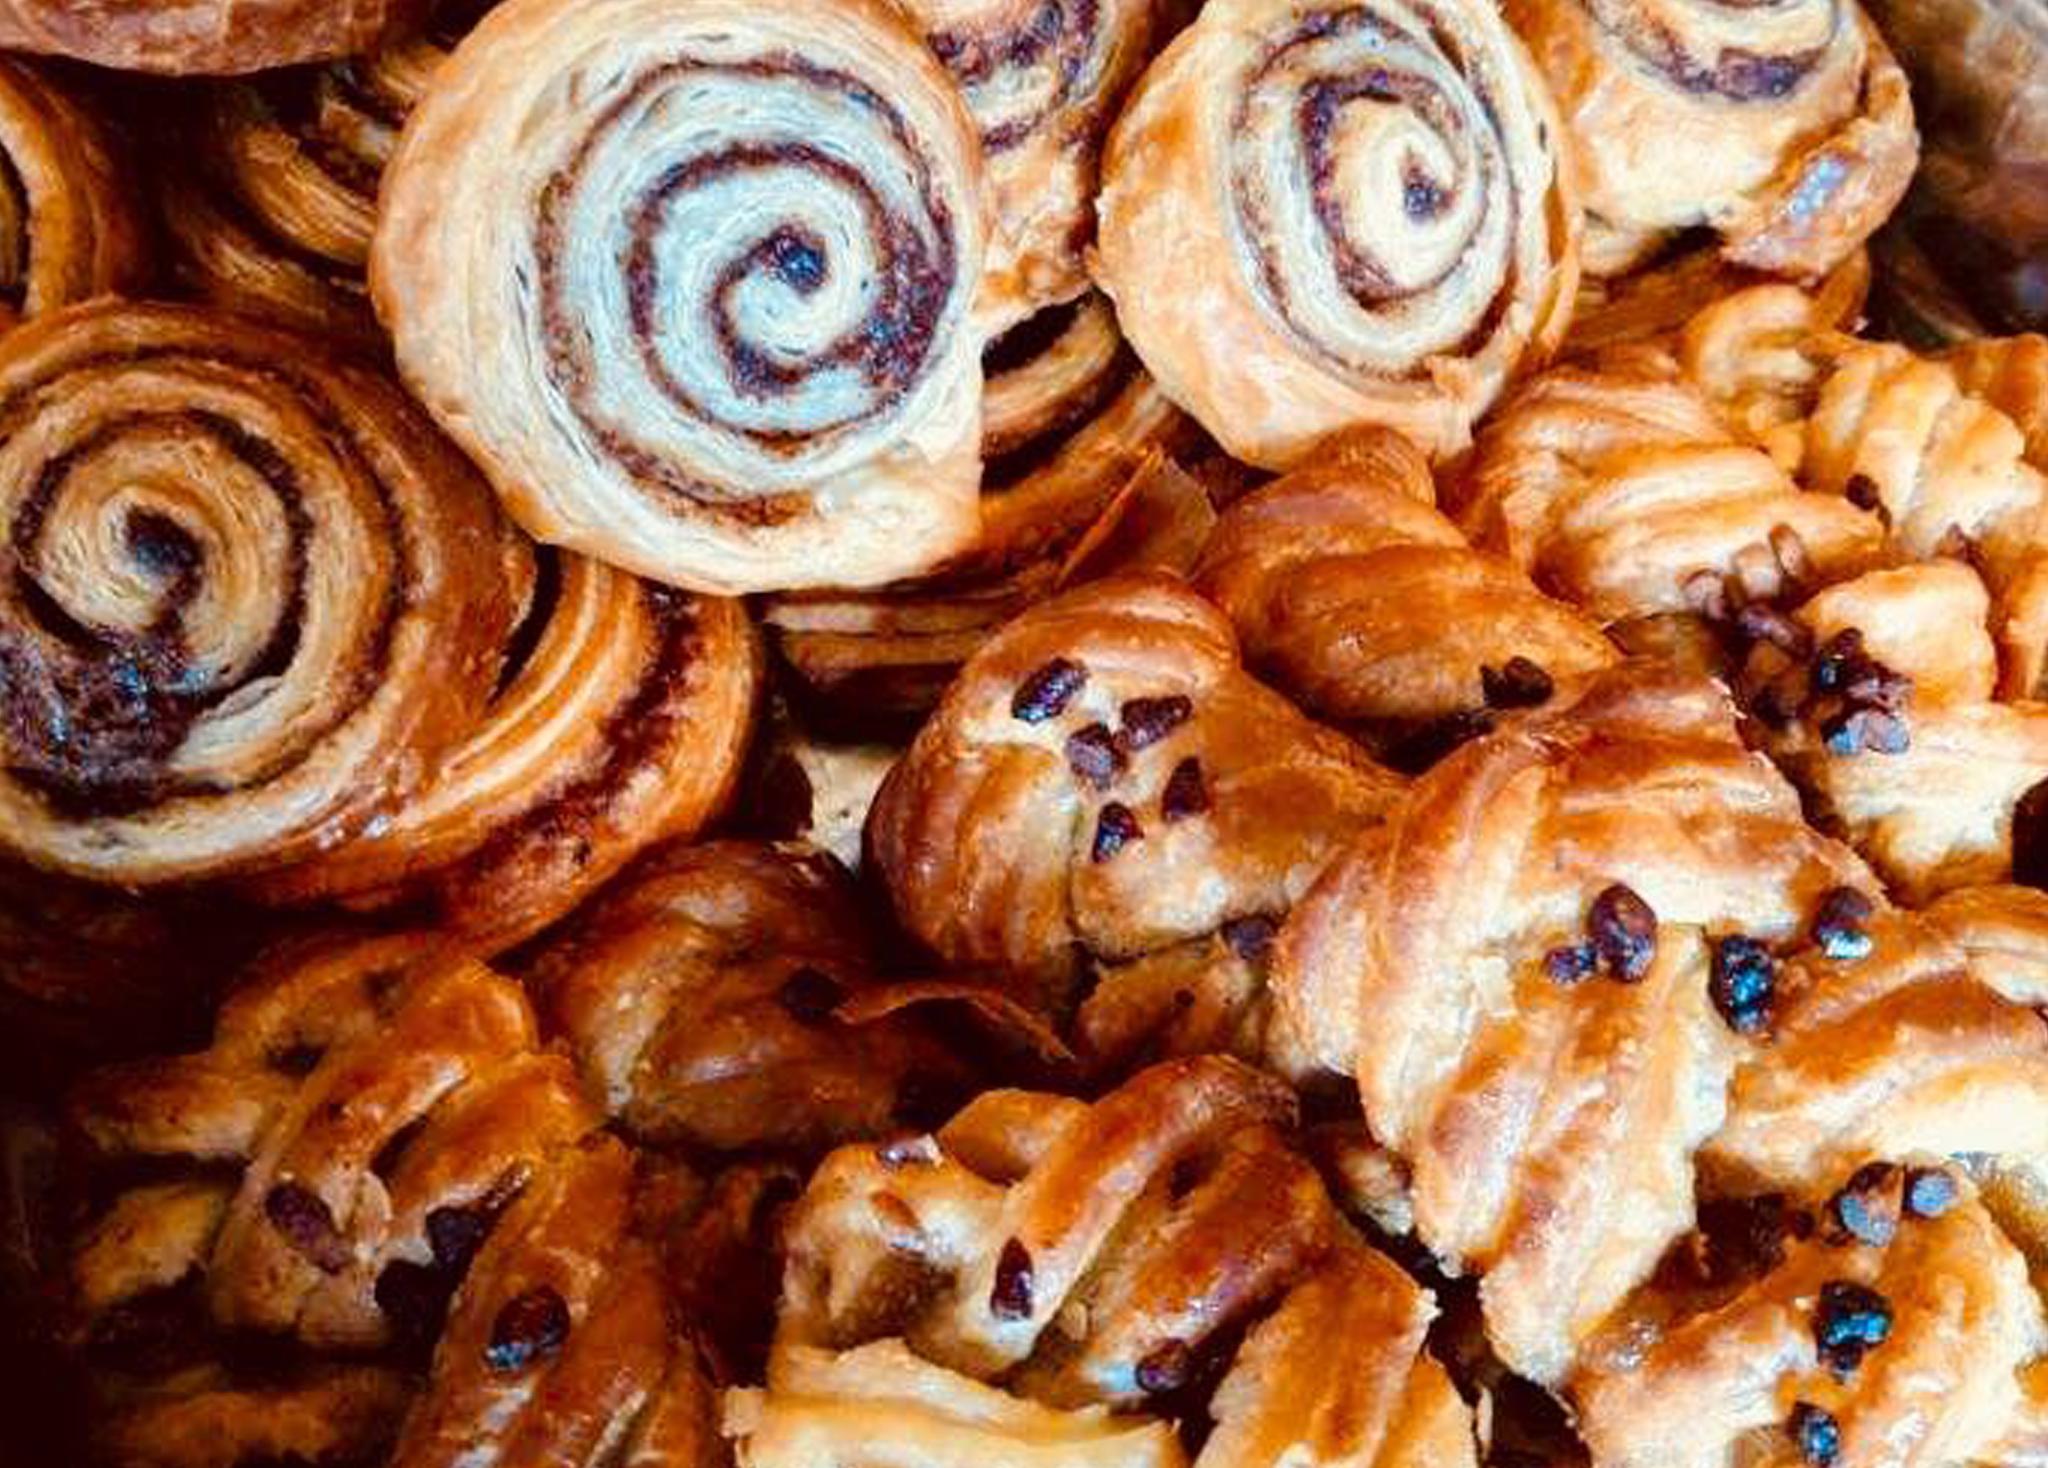 VARIA_BreakfastPastries